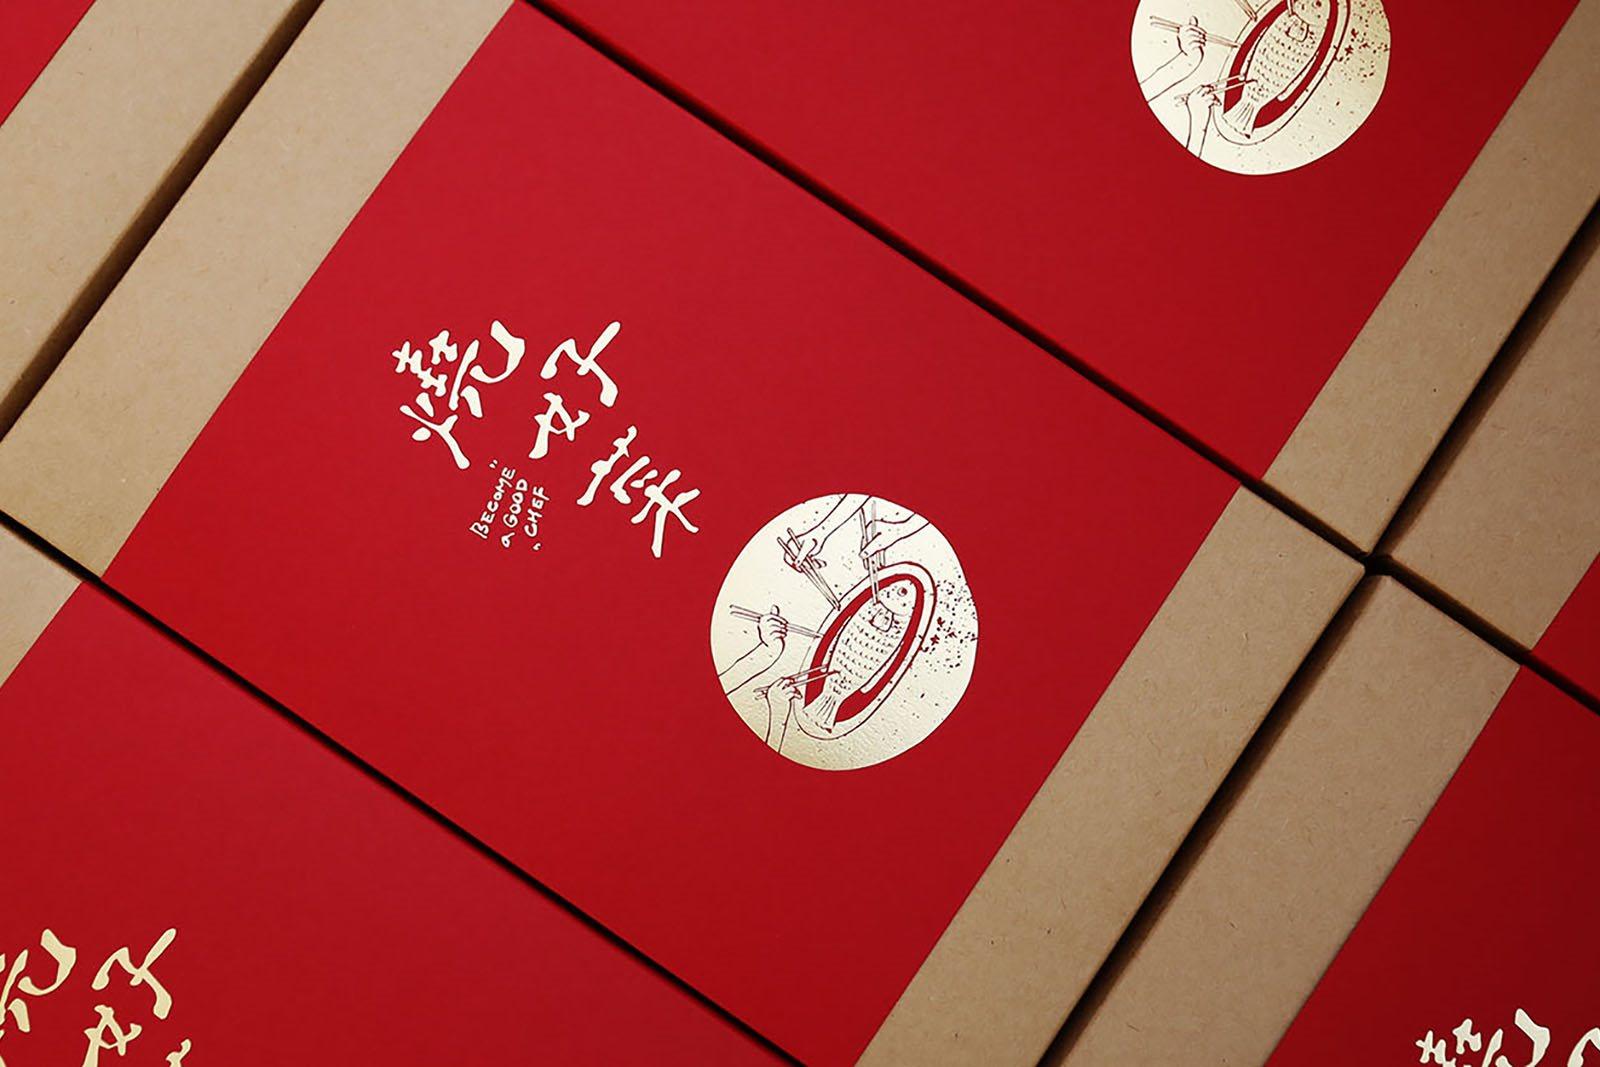 年節禮盒推薦,過年送禮好選擇,燒好菜,讓您新年充滿幸福好滋味